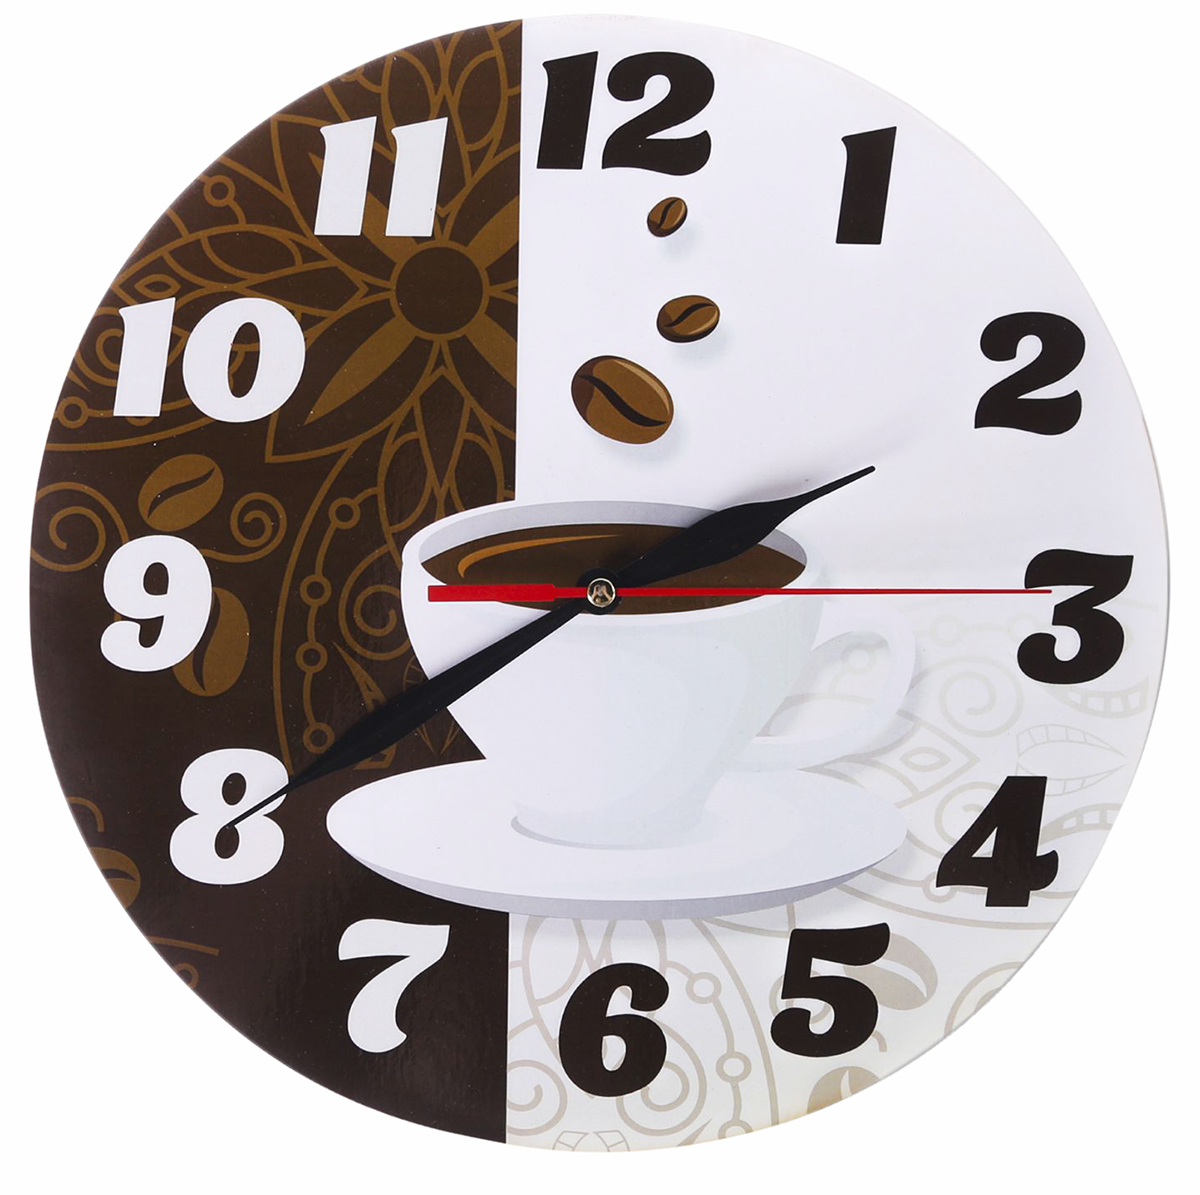 Часы настенные Кофейные, диаметр 25 см. 24978802497880Каждому хозяину периодически приходит мысль обновить свою квартиру, сделать ремонт, перестановку или кардинально поменять внешний вид каждой комнаты. — привлекательная деталь, которая поможет воплотить вашу интерьерную идею, создать неповторимую атмосферу в вашем доме. Окружите себя приятными мелочами, пусть они радуют глаз и дарят гармонию.— сувенир в полном смысле этого слова. И главная его задача — хранить воспоминание о месте, где вы побывали, или о том человеке, который подарил данный предмет. Преподнесите эту вещь своему другу, и она станет достойным украшением его дома.Часы Кофейные круглые, O 25 см 2497880